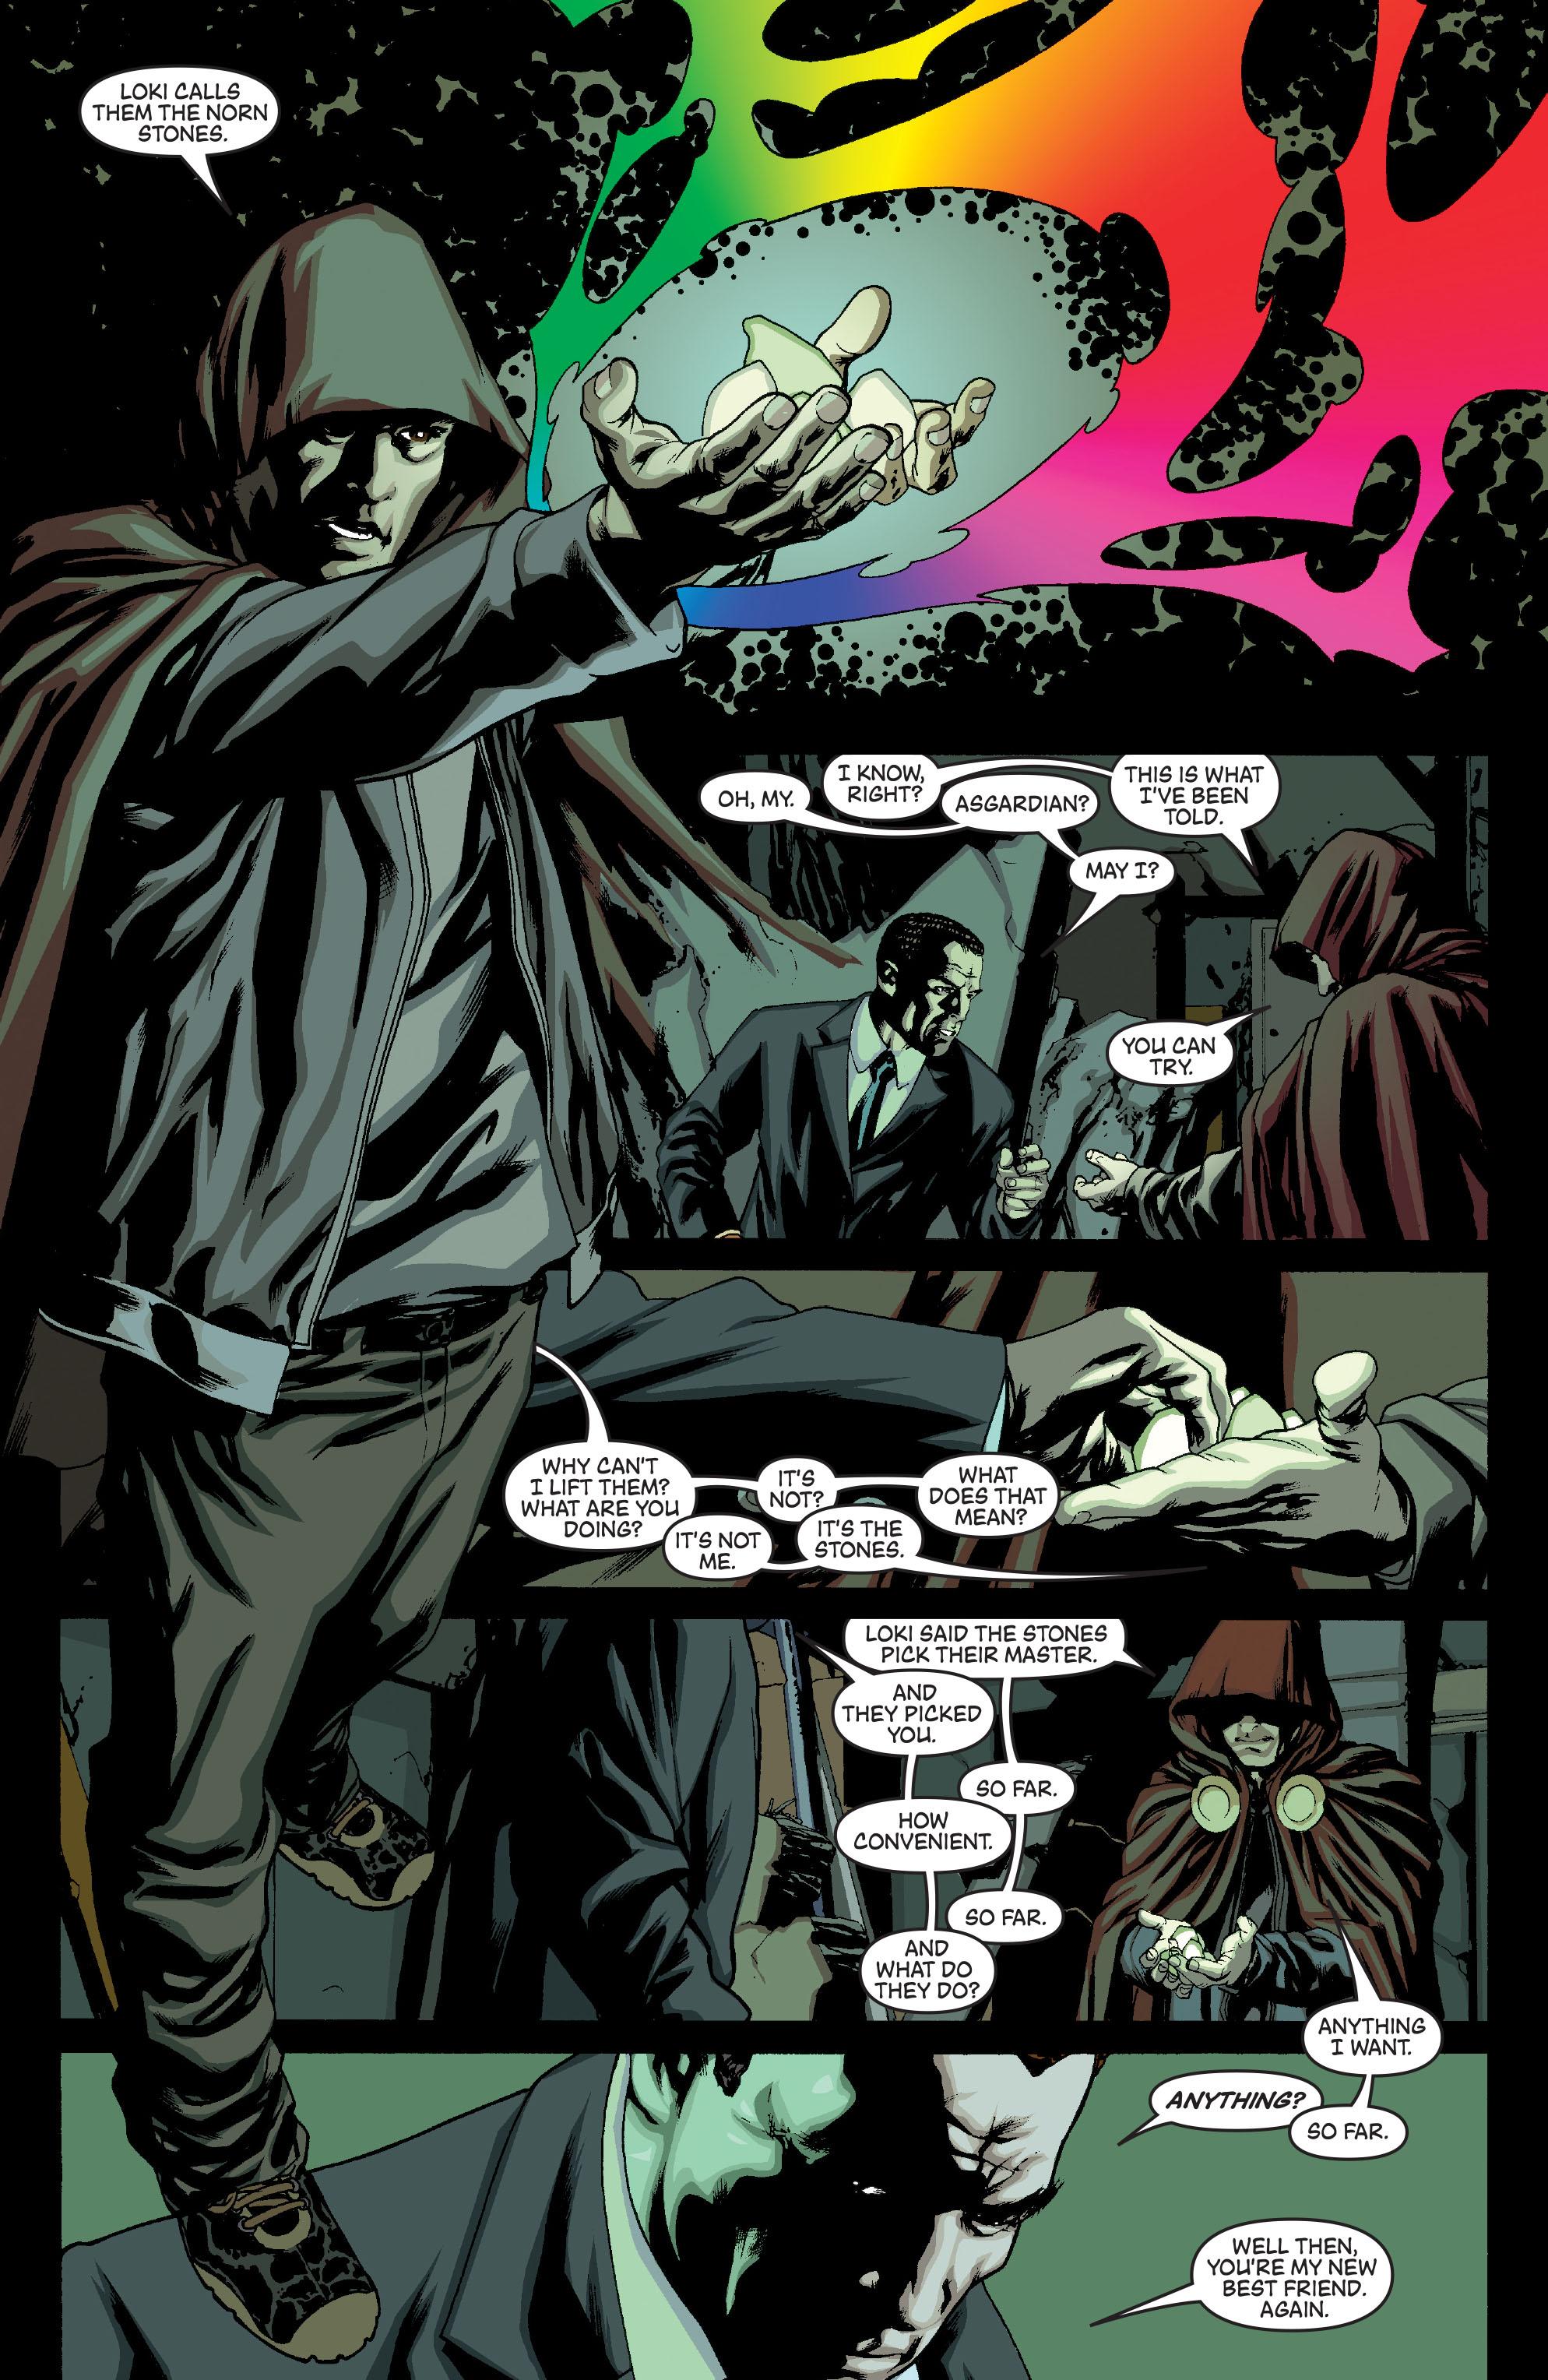 New Avengers (2005) chap 64 pic 4